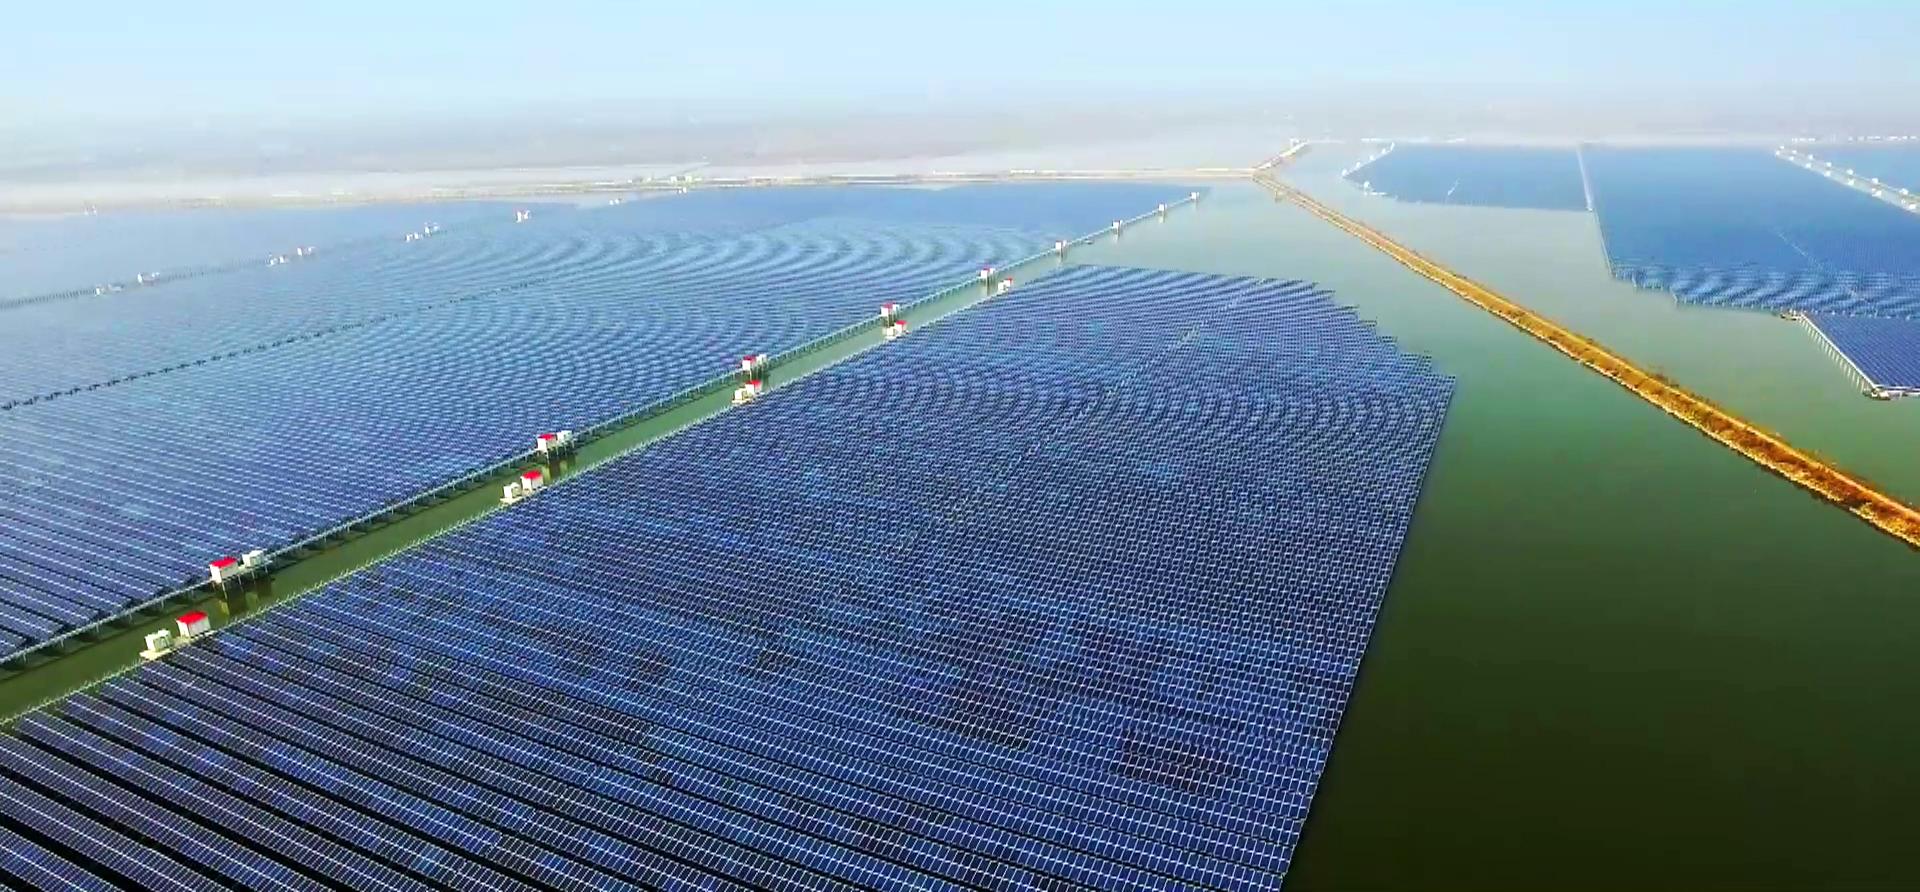 浙江慈溪200MW水面桩体光伏电站项目